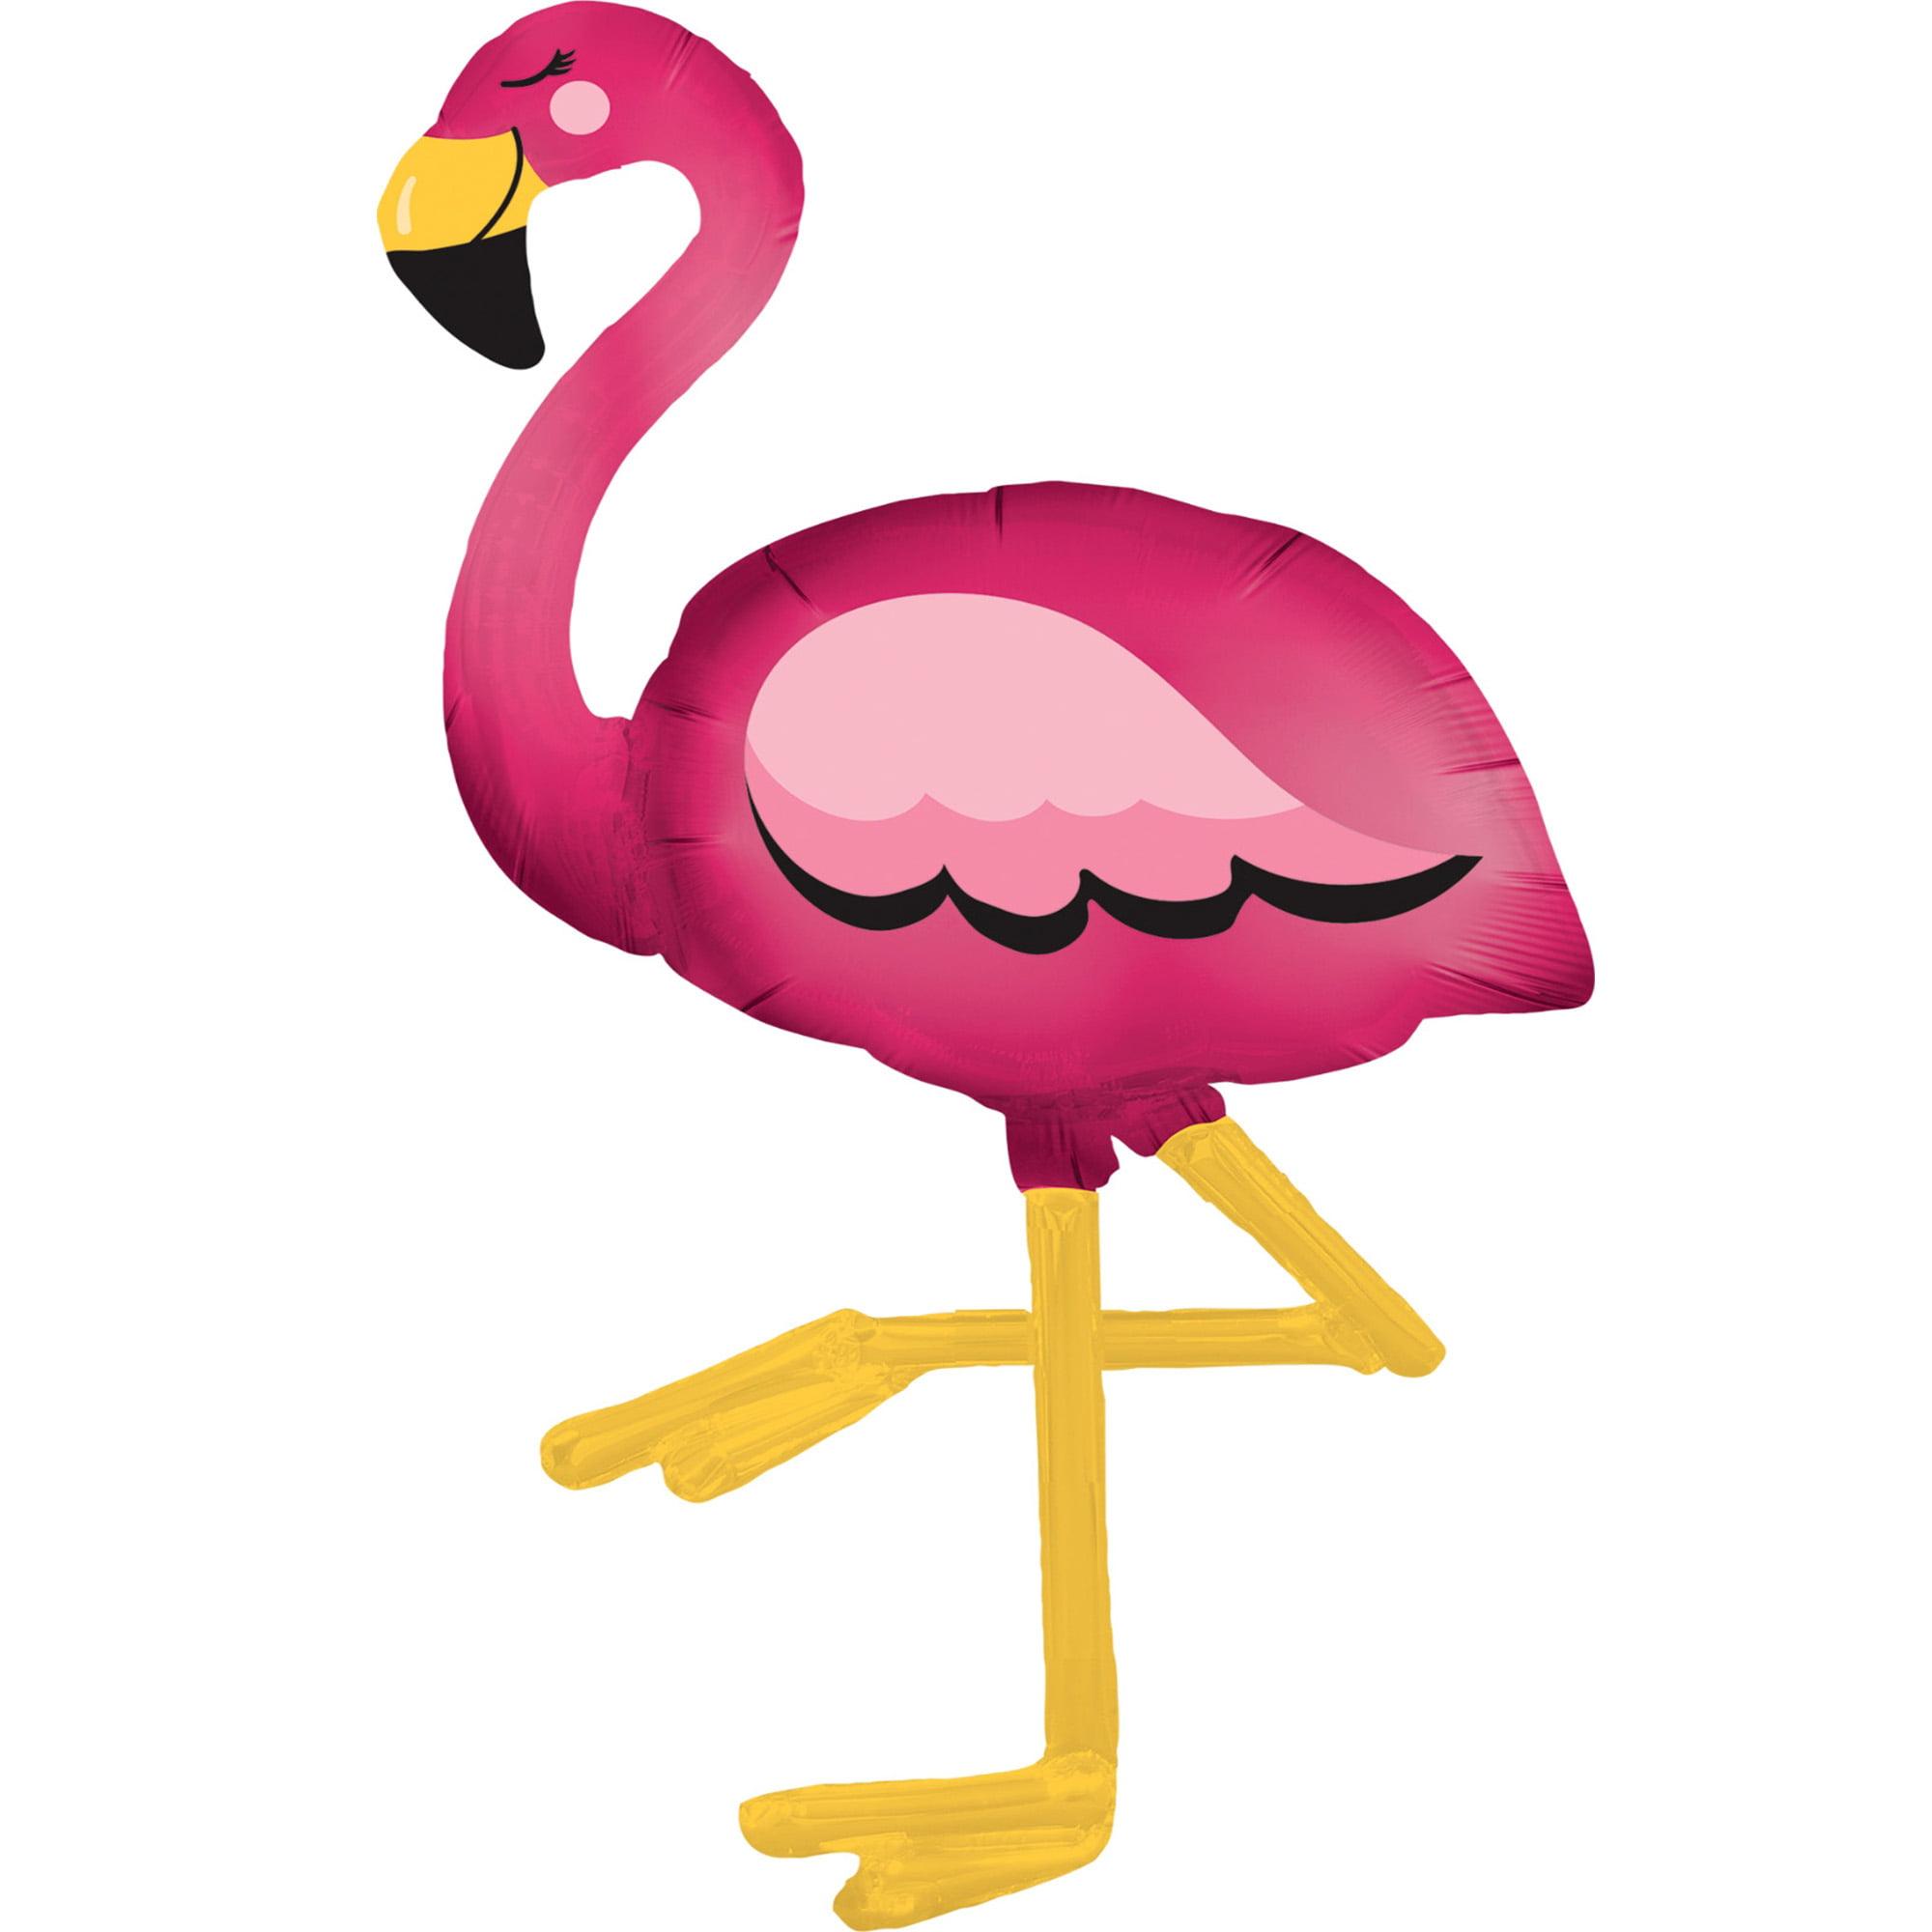 Flamingo Black and White Stripes Balloon Bouquet Black and White Flamingo Party